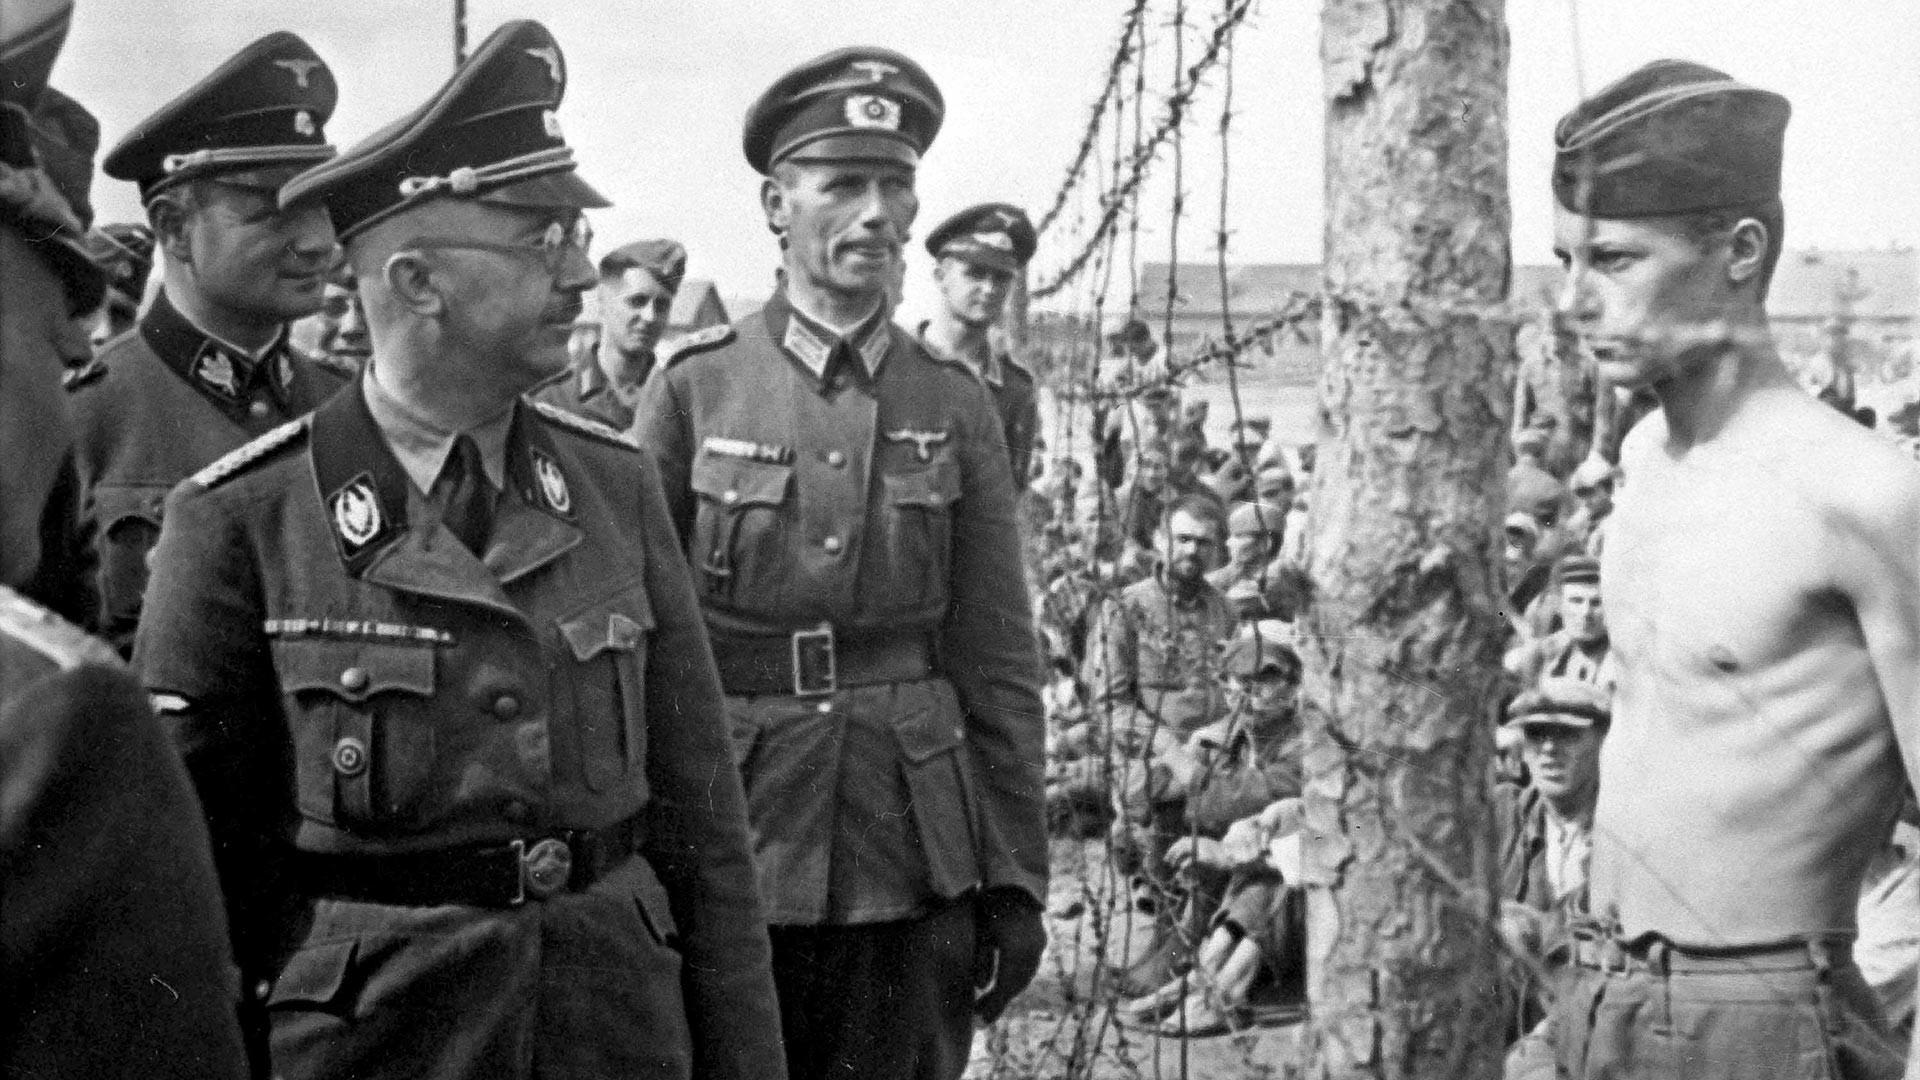 Heinrich Himmler, comandante delle forze di sicurezza del Terzo Reich dal 1939, visita un campo sovietico per i prigionieri di guerra, 1942